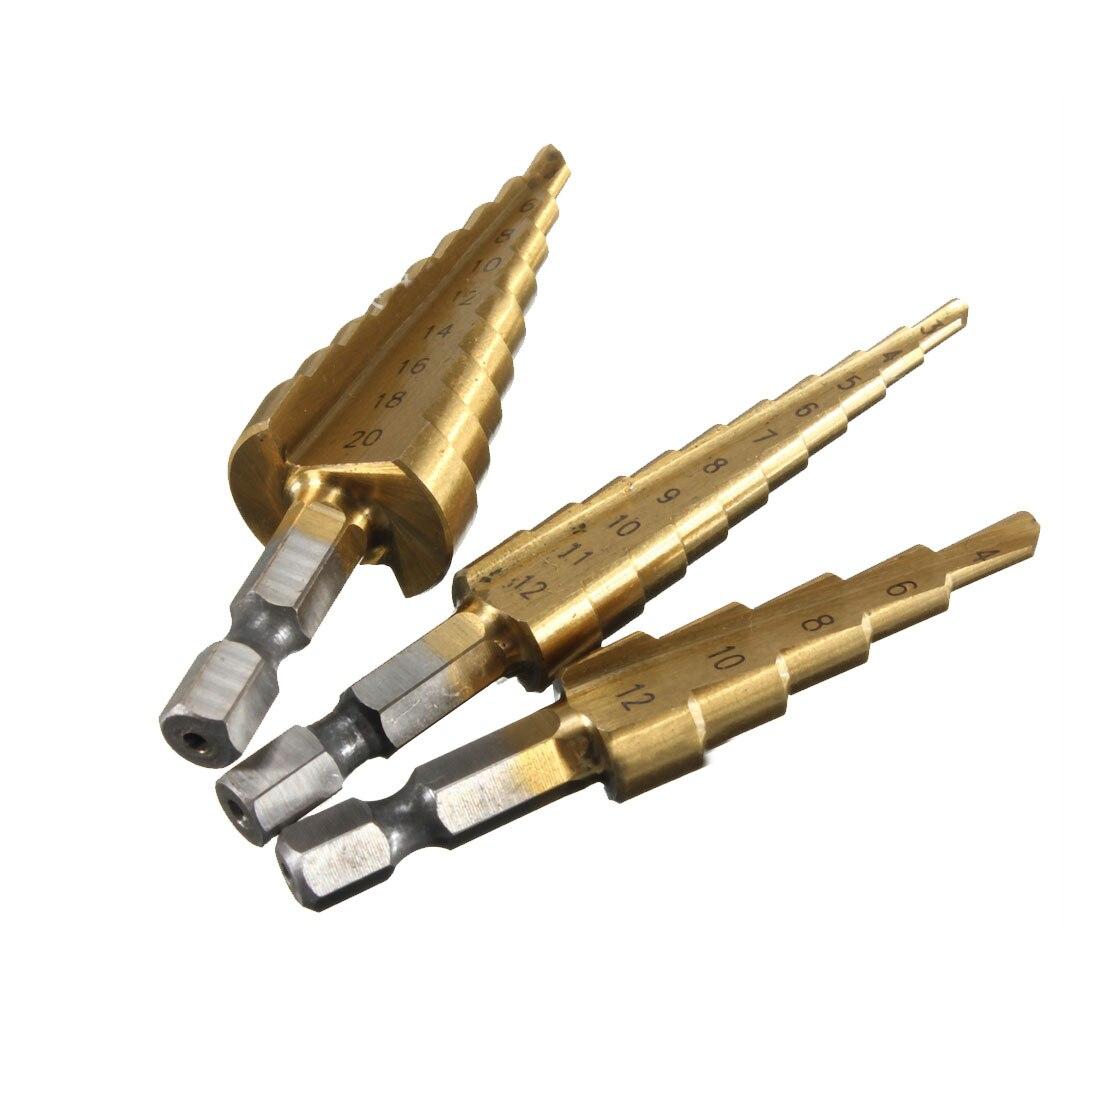 3Pcs Metric Spiral Flute The Pagoda Shape Hole Cutter 3-12,4-12,4-20mm HSS Steel Cone Drill Bit Set HSS Steel Step Sharpening